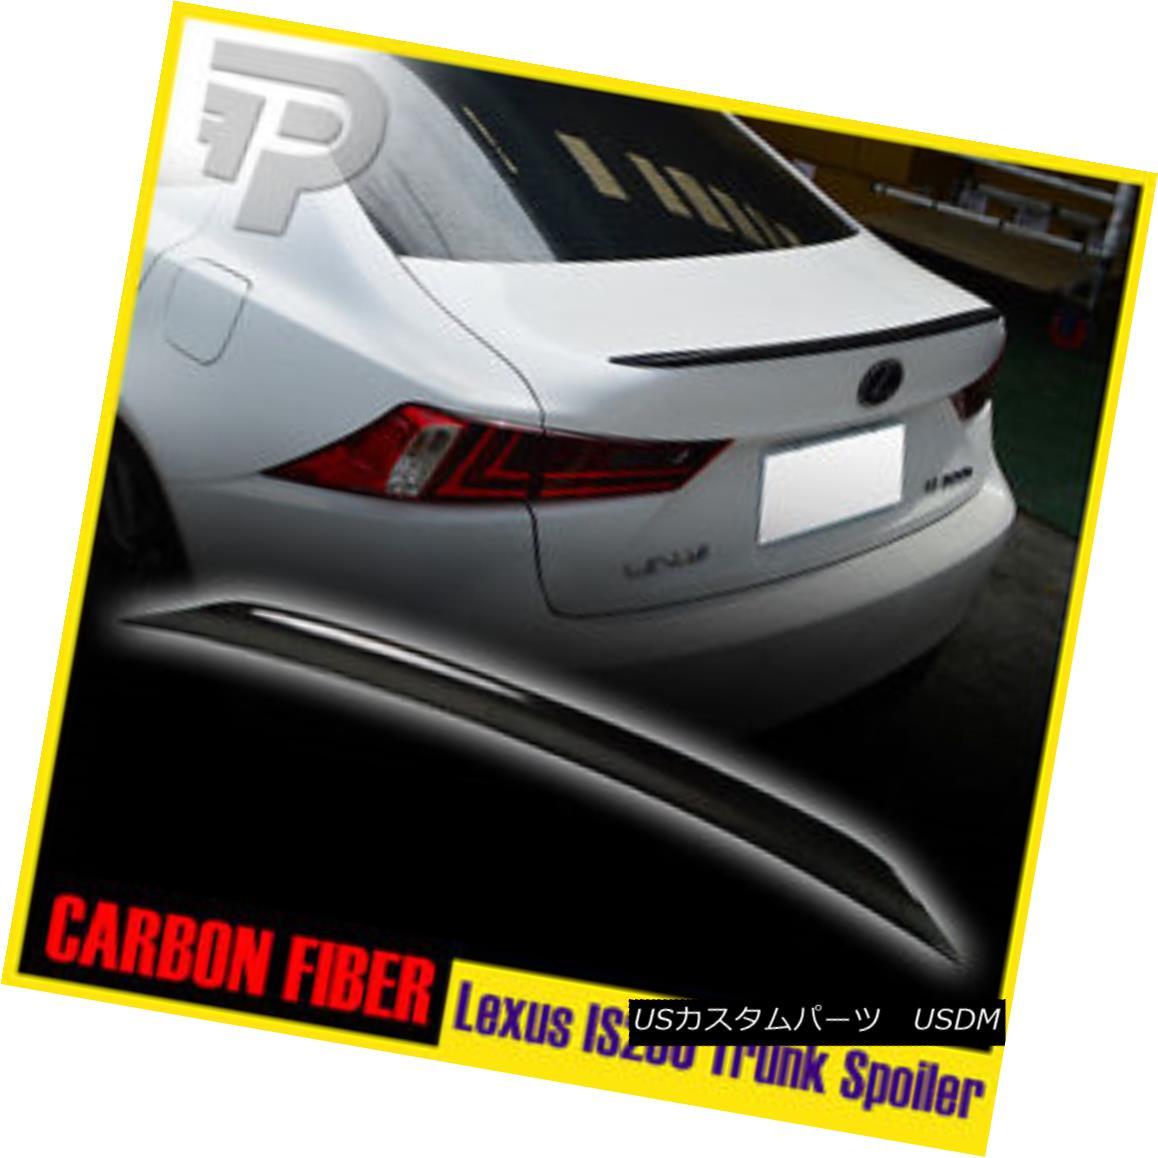 エアロパーツ For Lexus IS250 IS350 XE30 Carbon Rear Trunk Spoiler Sedan レクサスIS250 IS350 XE30カーボンリアトランク・スポイラーセダン